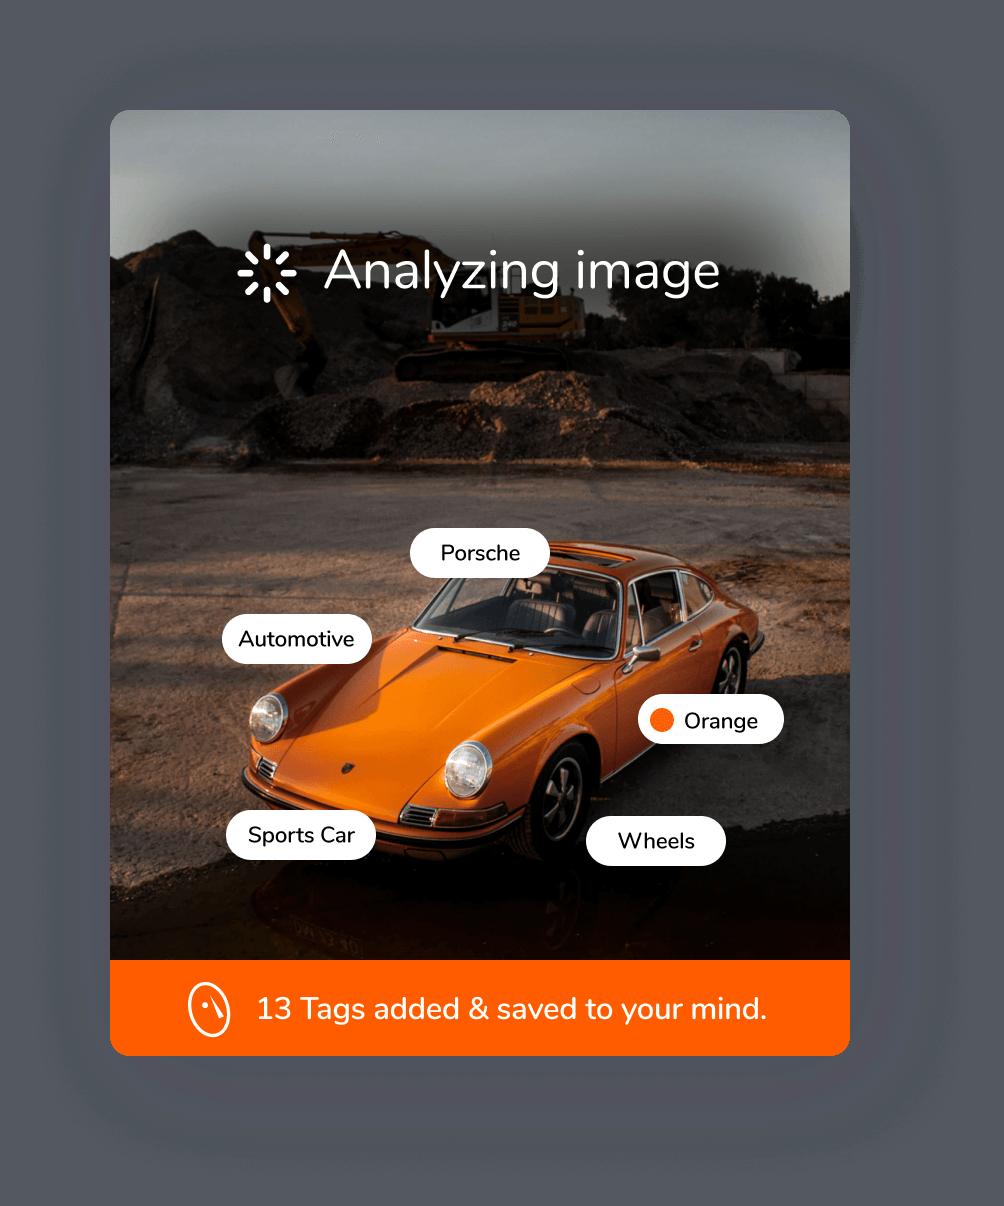 analyzing-image